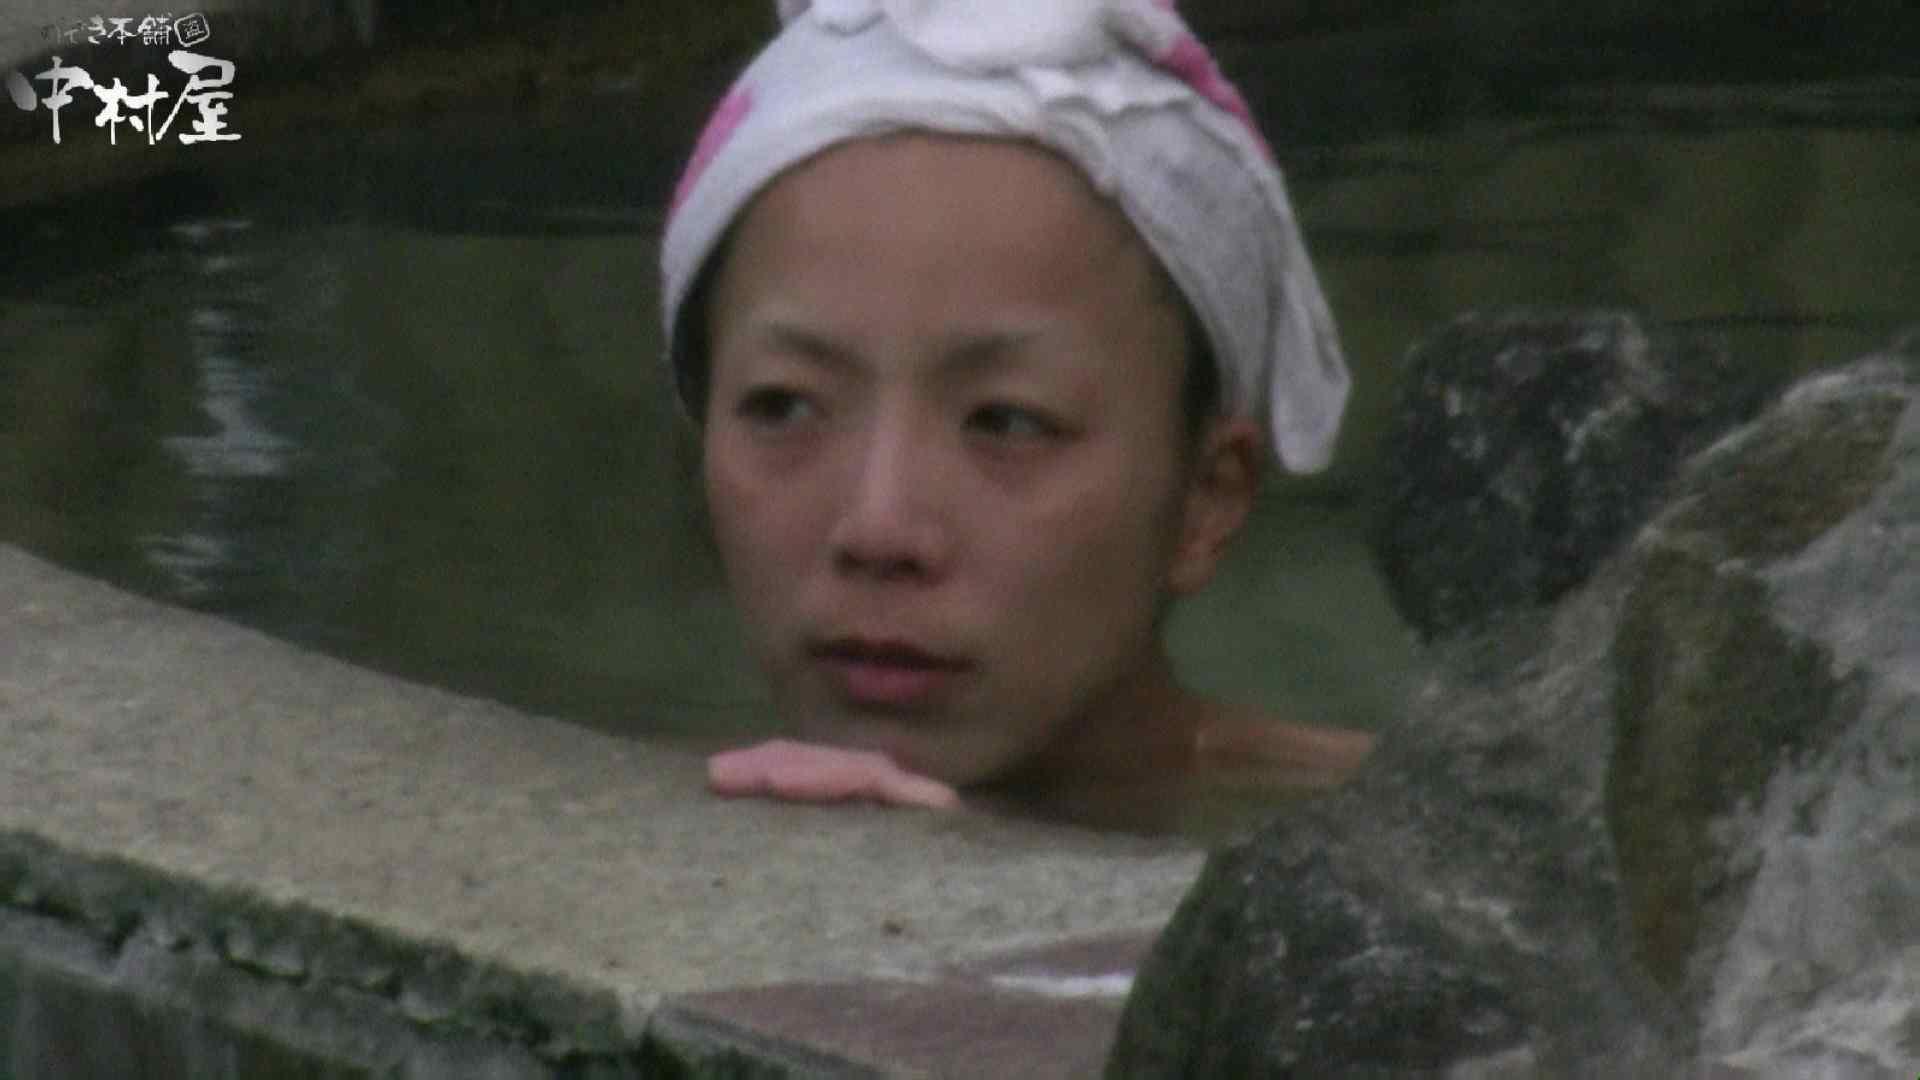 Aquaな露天風呂Vol.929 盗撮   OLのエロ生活  104連発 10